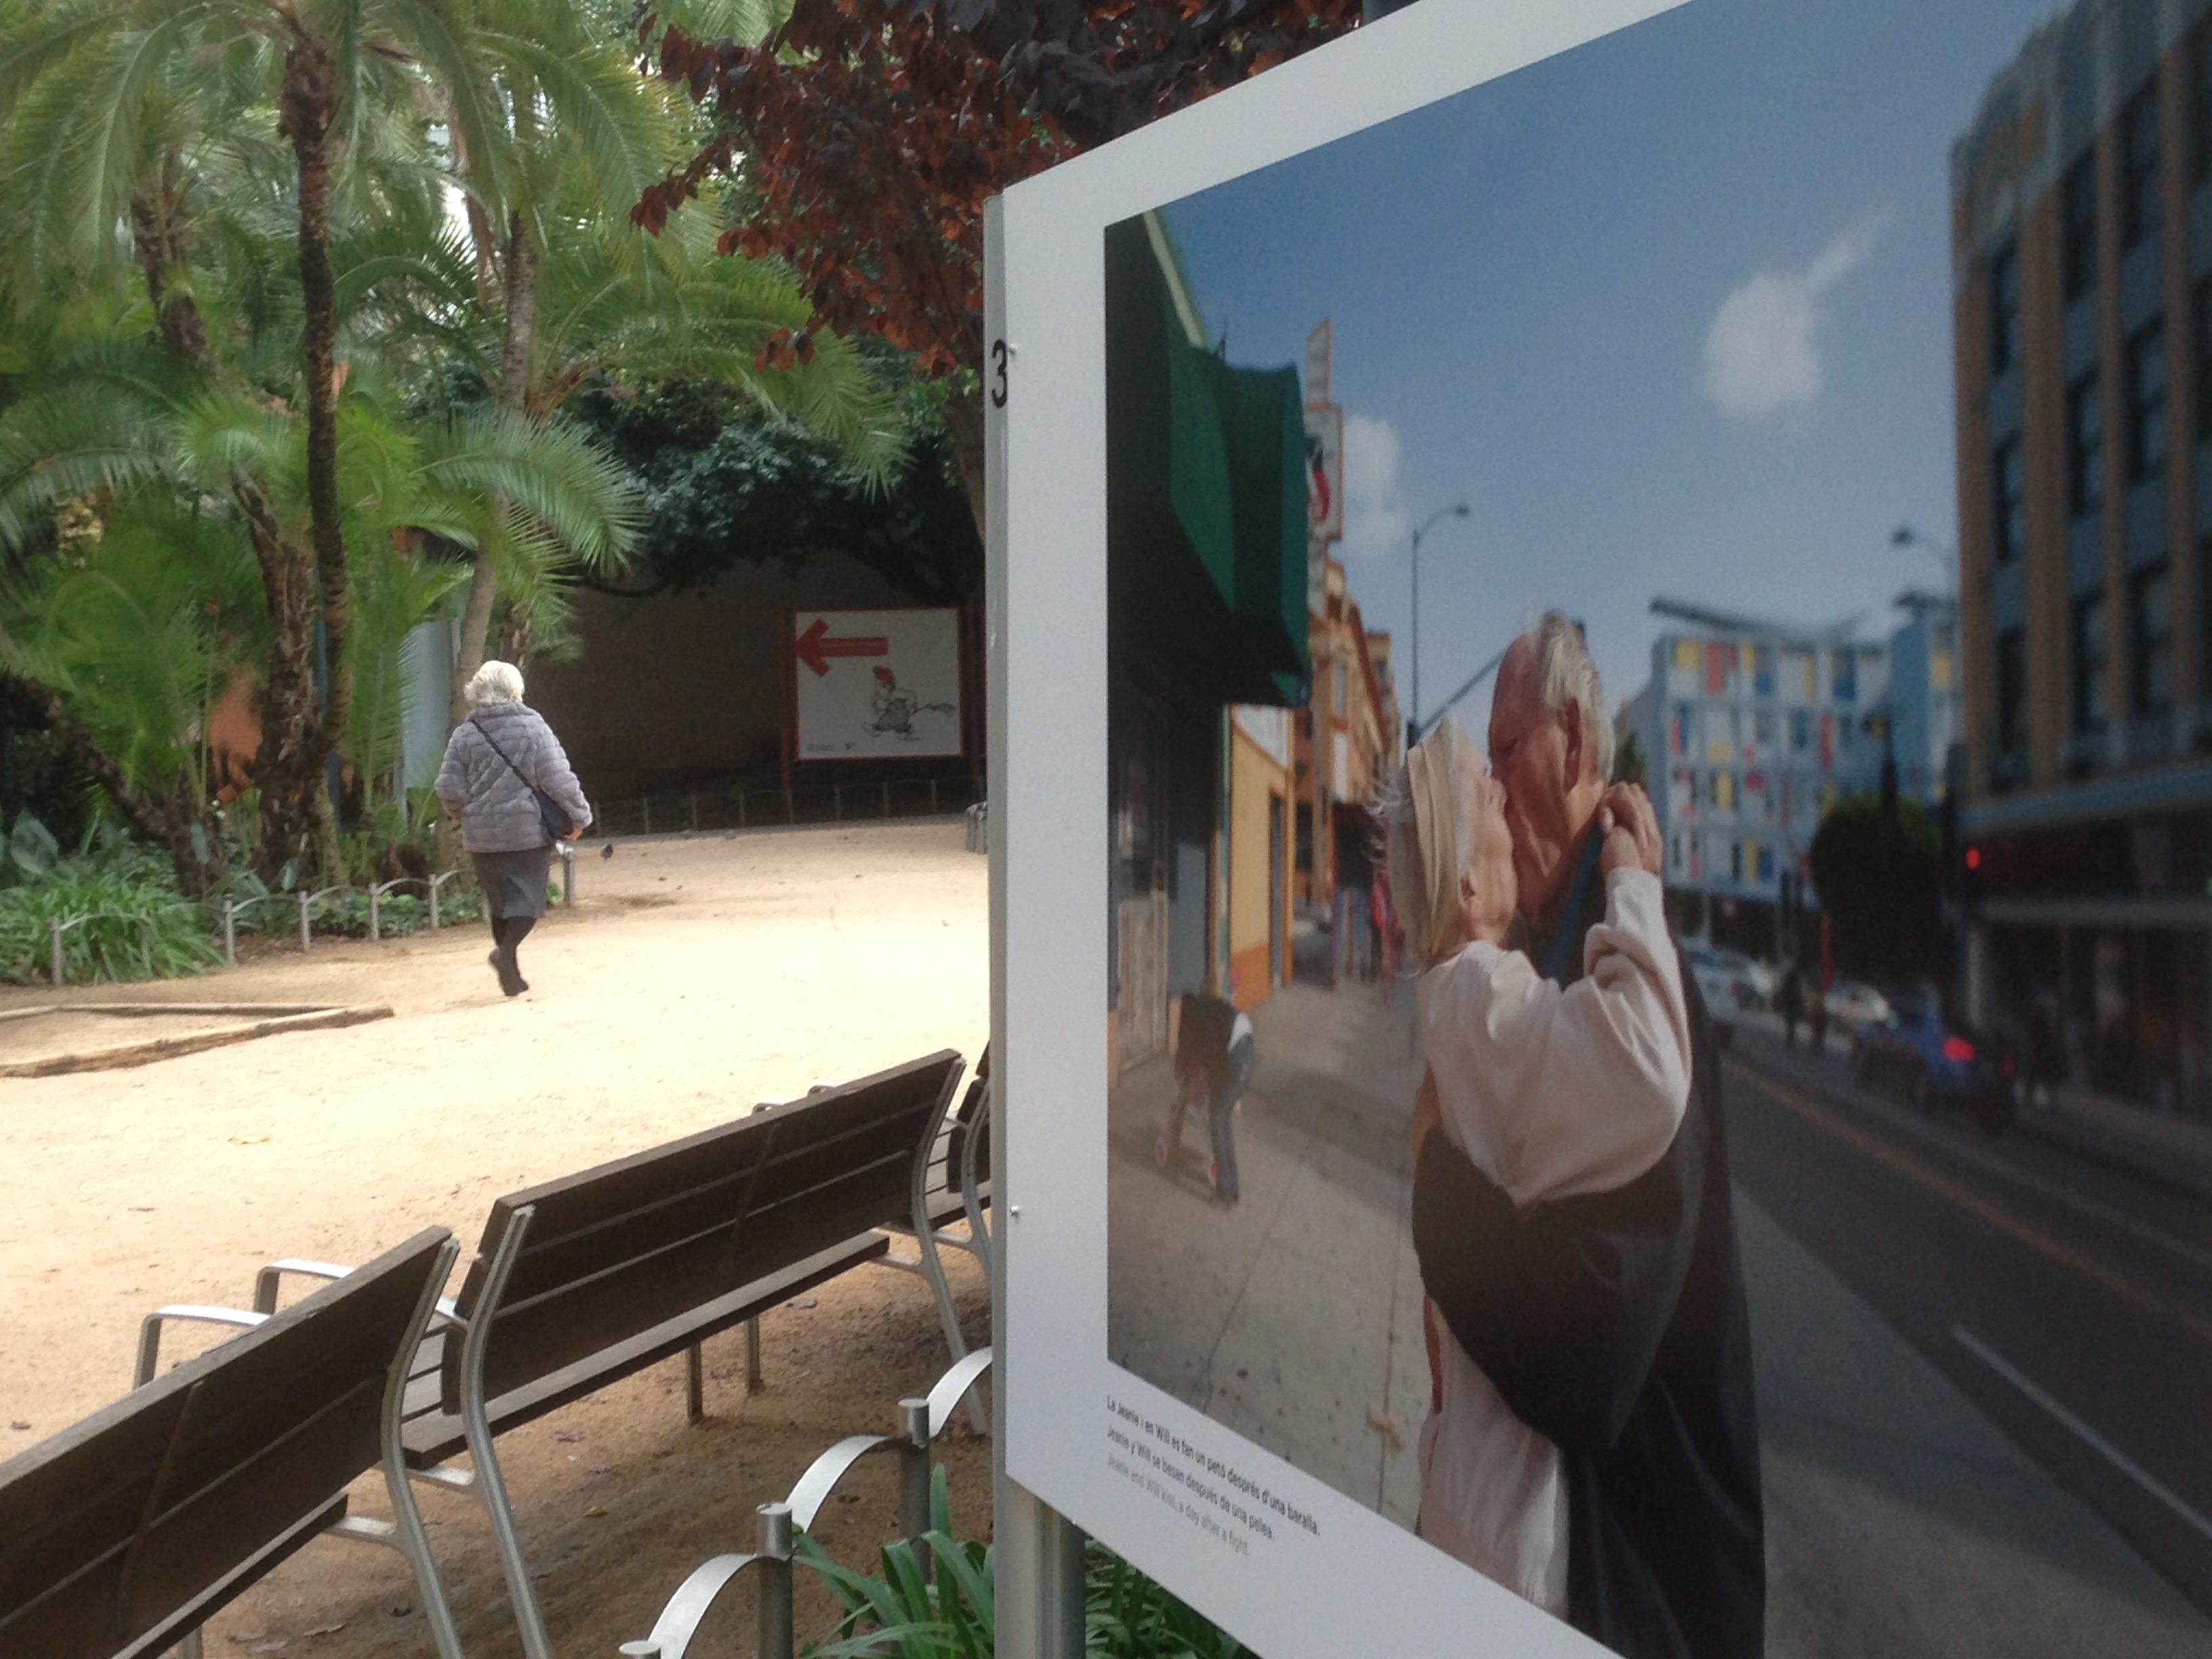 Una dona gran passant entre les fotografies de l'exposició.